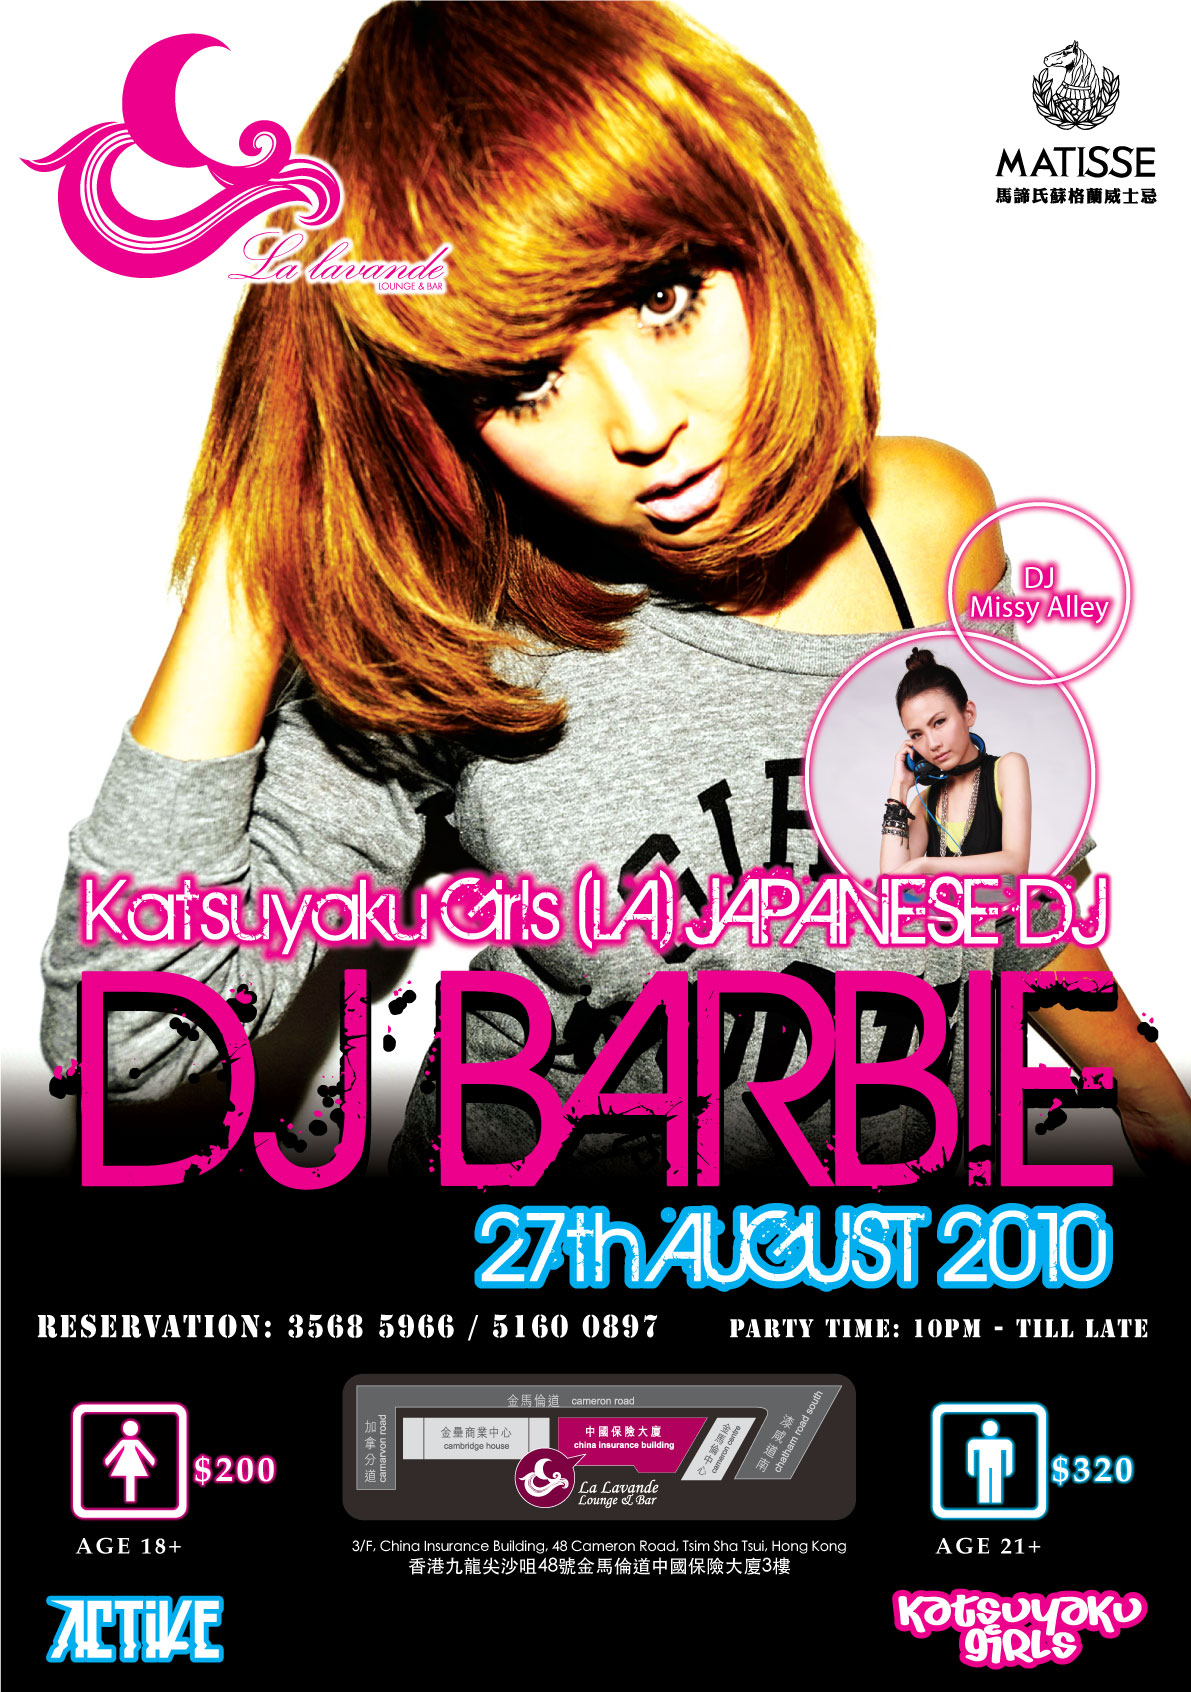 DJ-Barbie.jpg